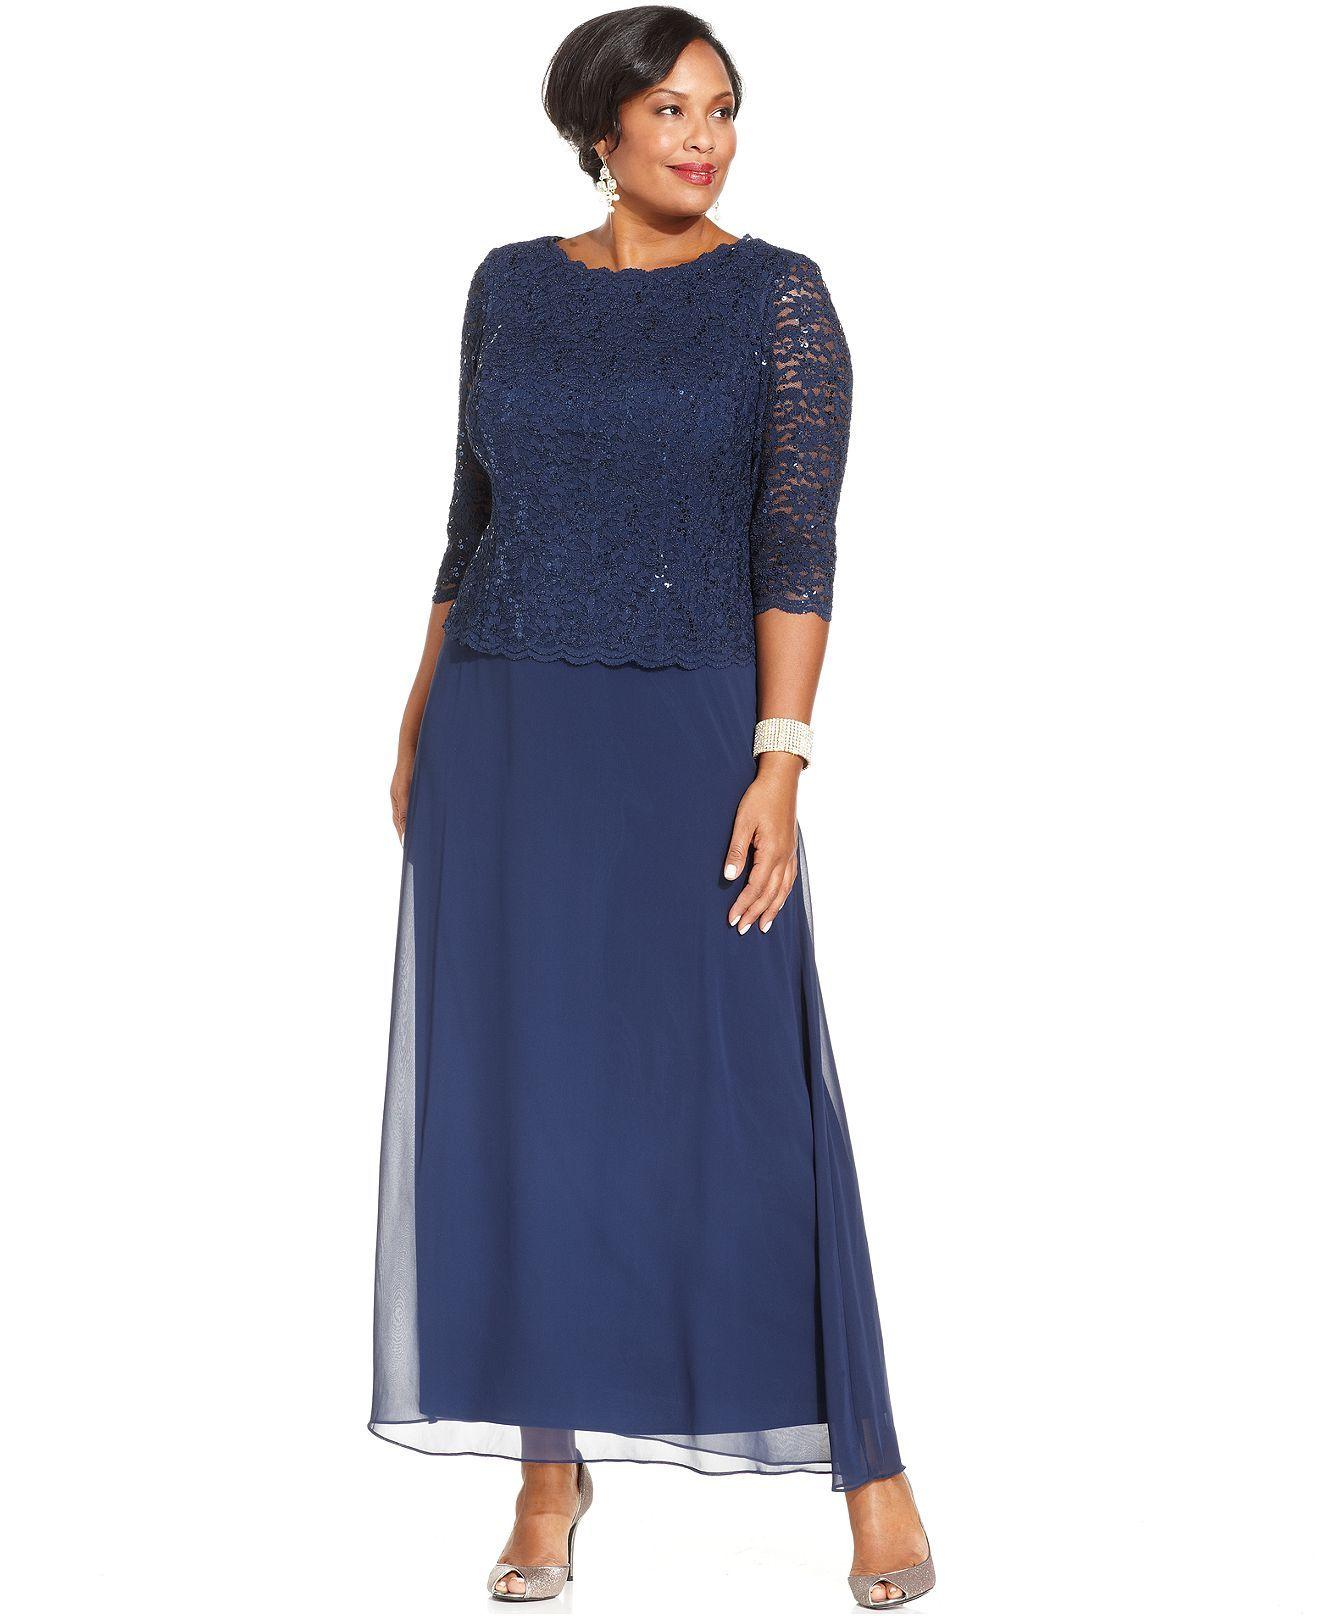 254abc6e106ed Alex Evenings Plus Size Three-Quarter-Sleeve Sequined Lace Gown - Plus Size  Dresses